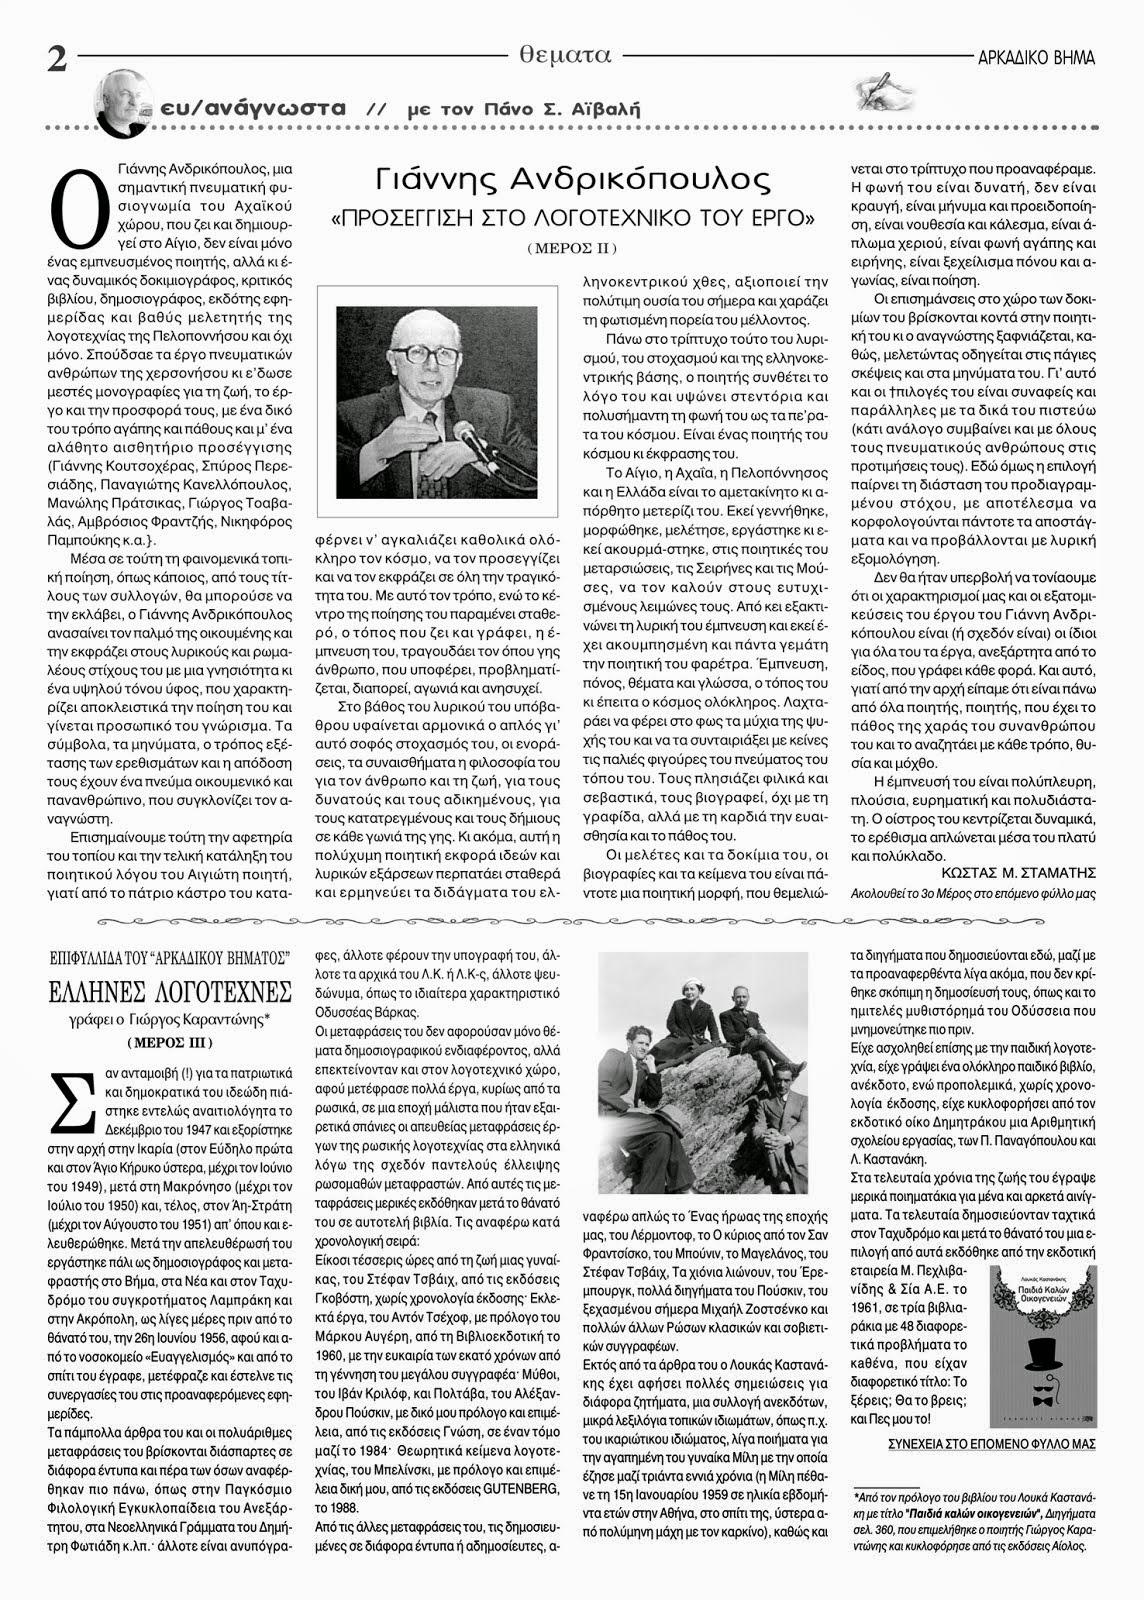 """""""ΕΛΛΗΝΕΣ ΛΟΓΟΤΕΧΝΕΣ"""" - ΓΙΑΝΝΗΣ ΑΝΔΡΙΚΟΠΟΥΛΟΣ"""